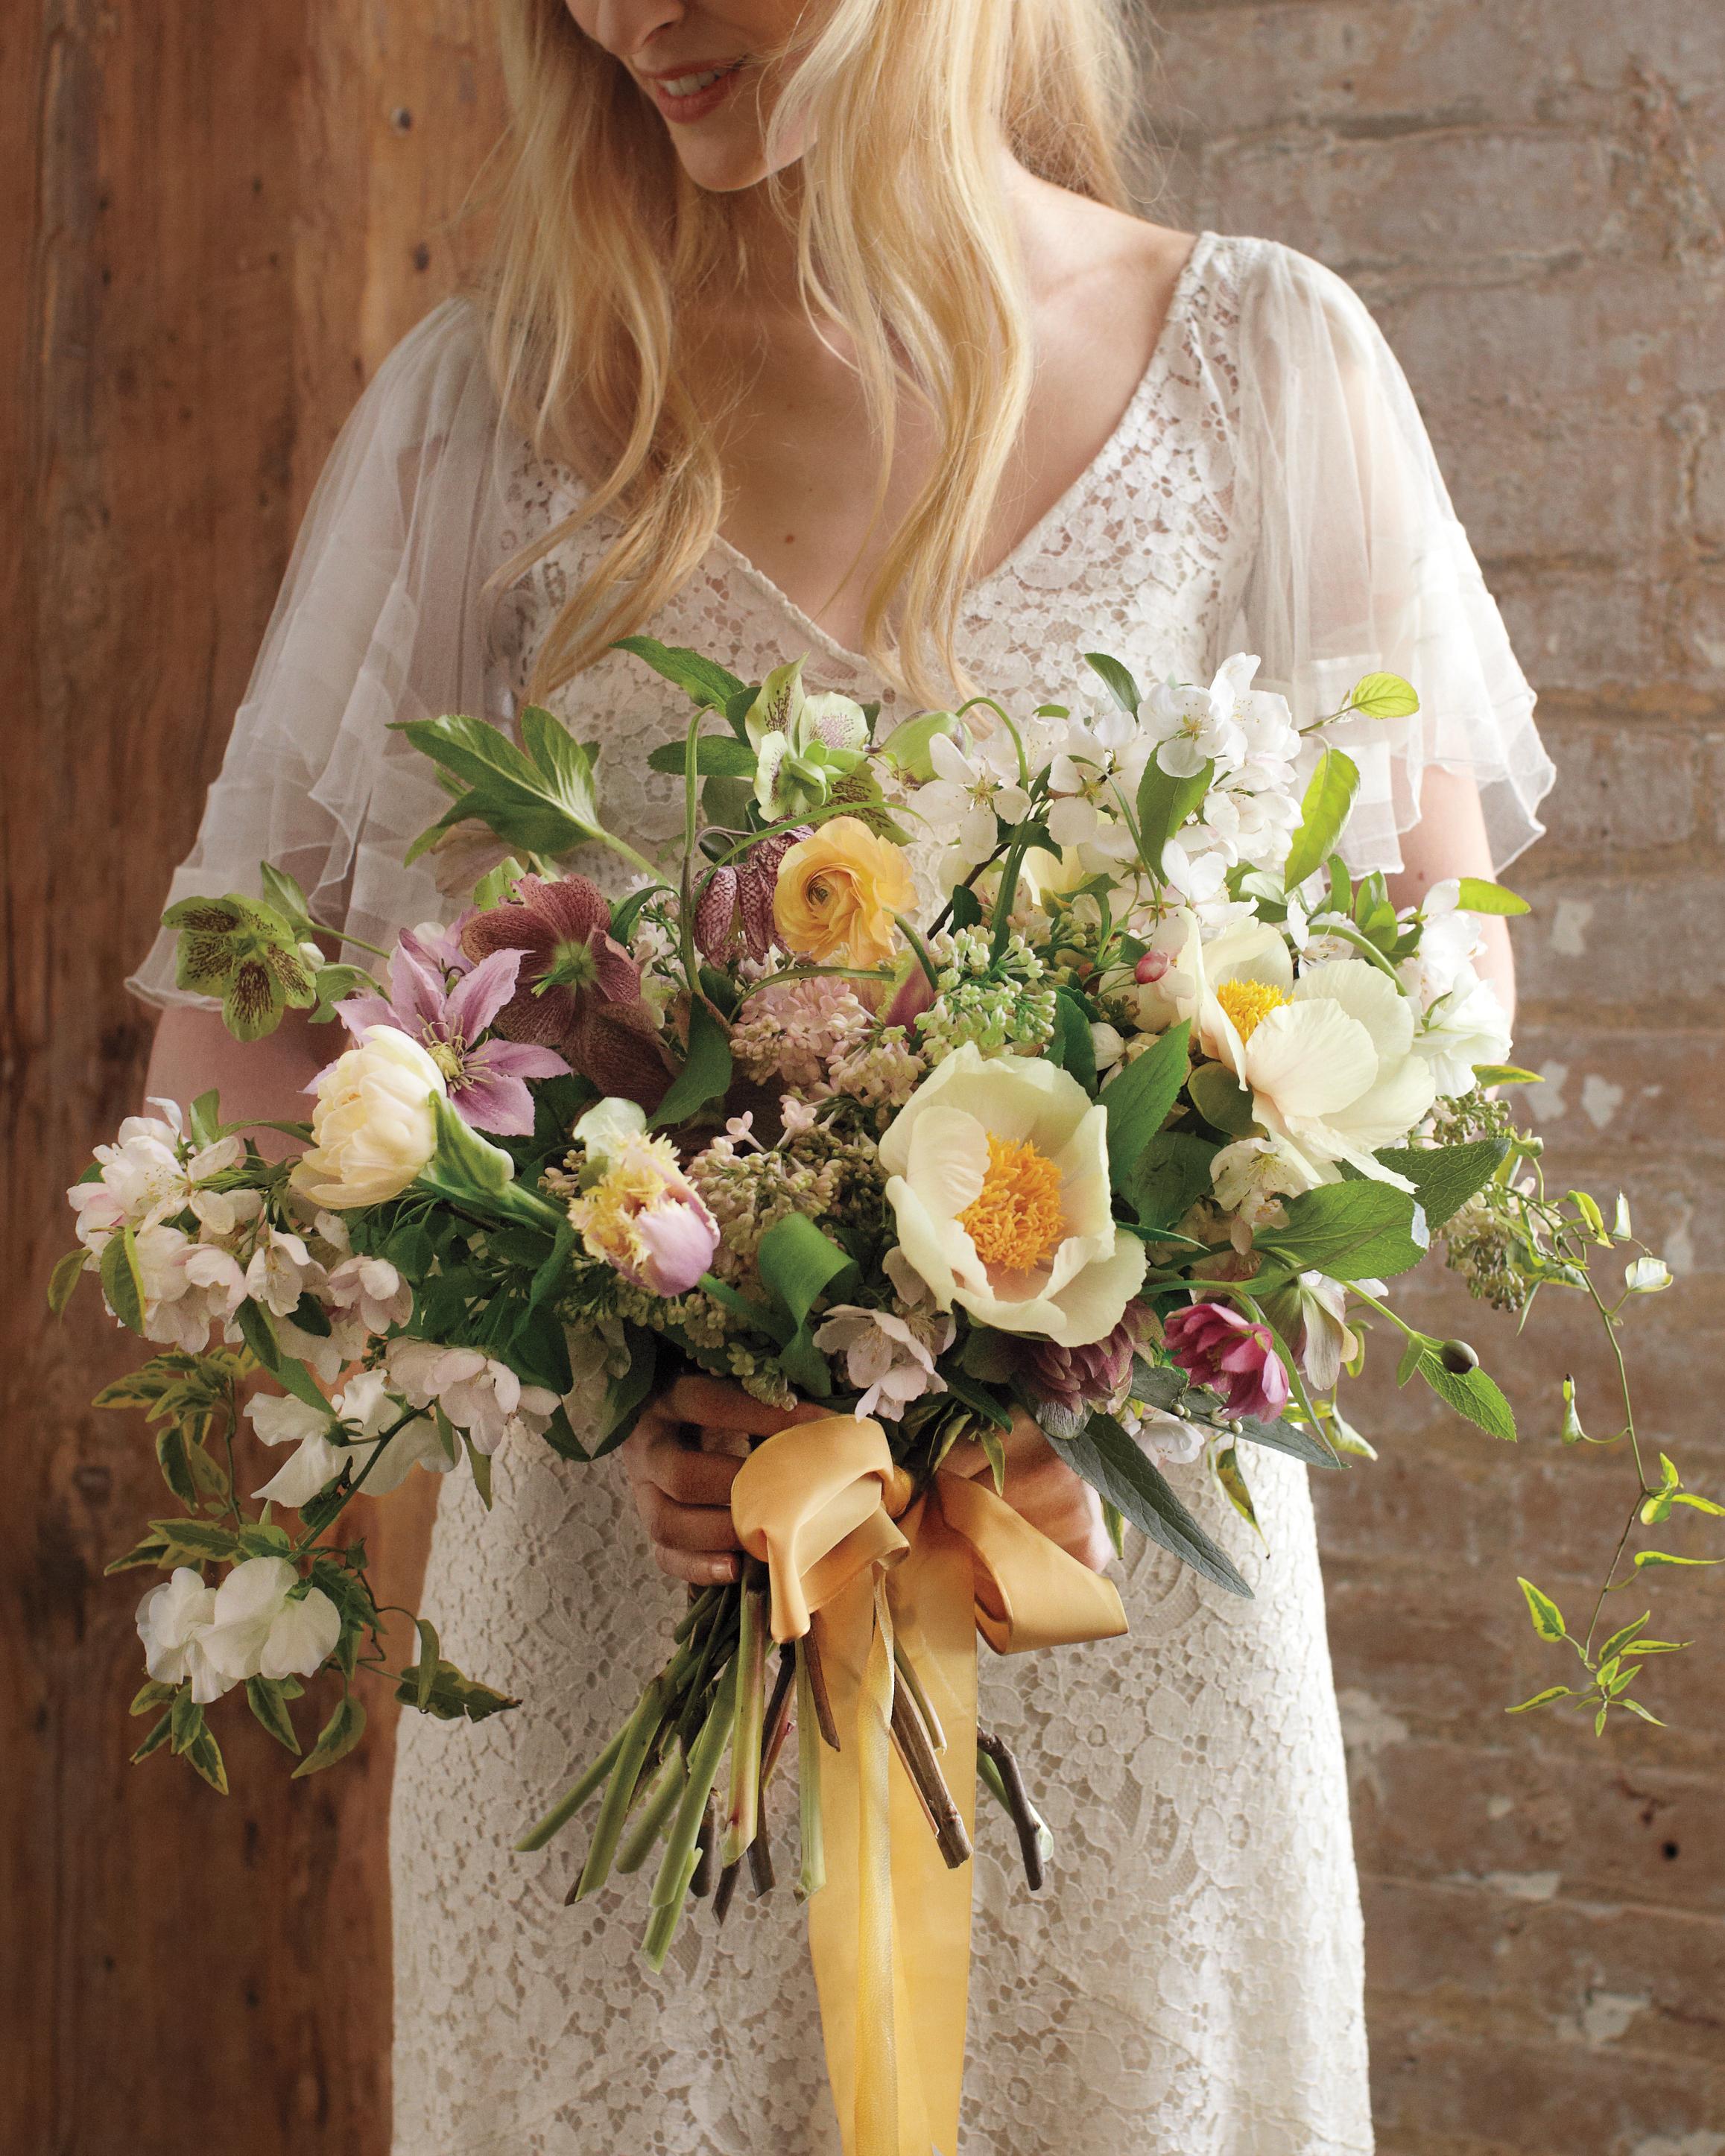 flower-bouquet-048-mwd110211.jpg